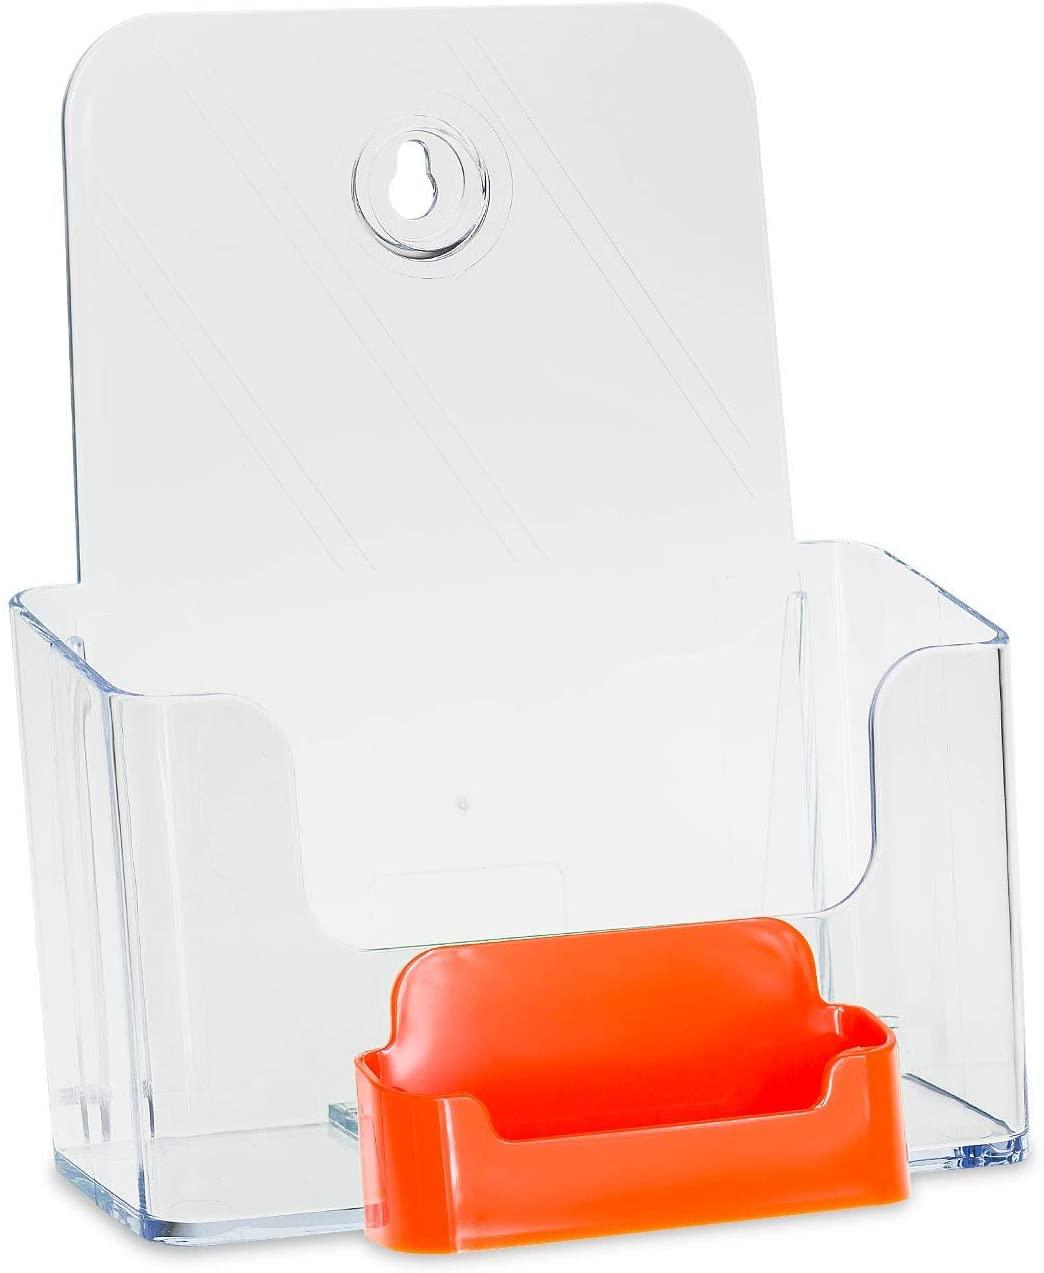 Source One Bi Fold Brochure Holder Standard Booklet with Business Card Holder (6 Pack, Orange Pocket)